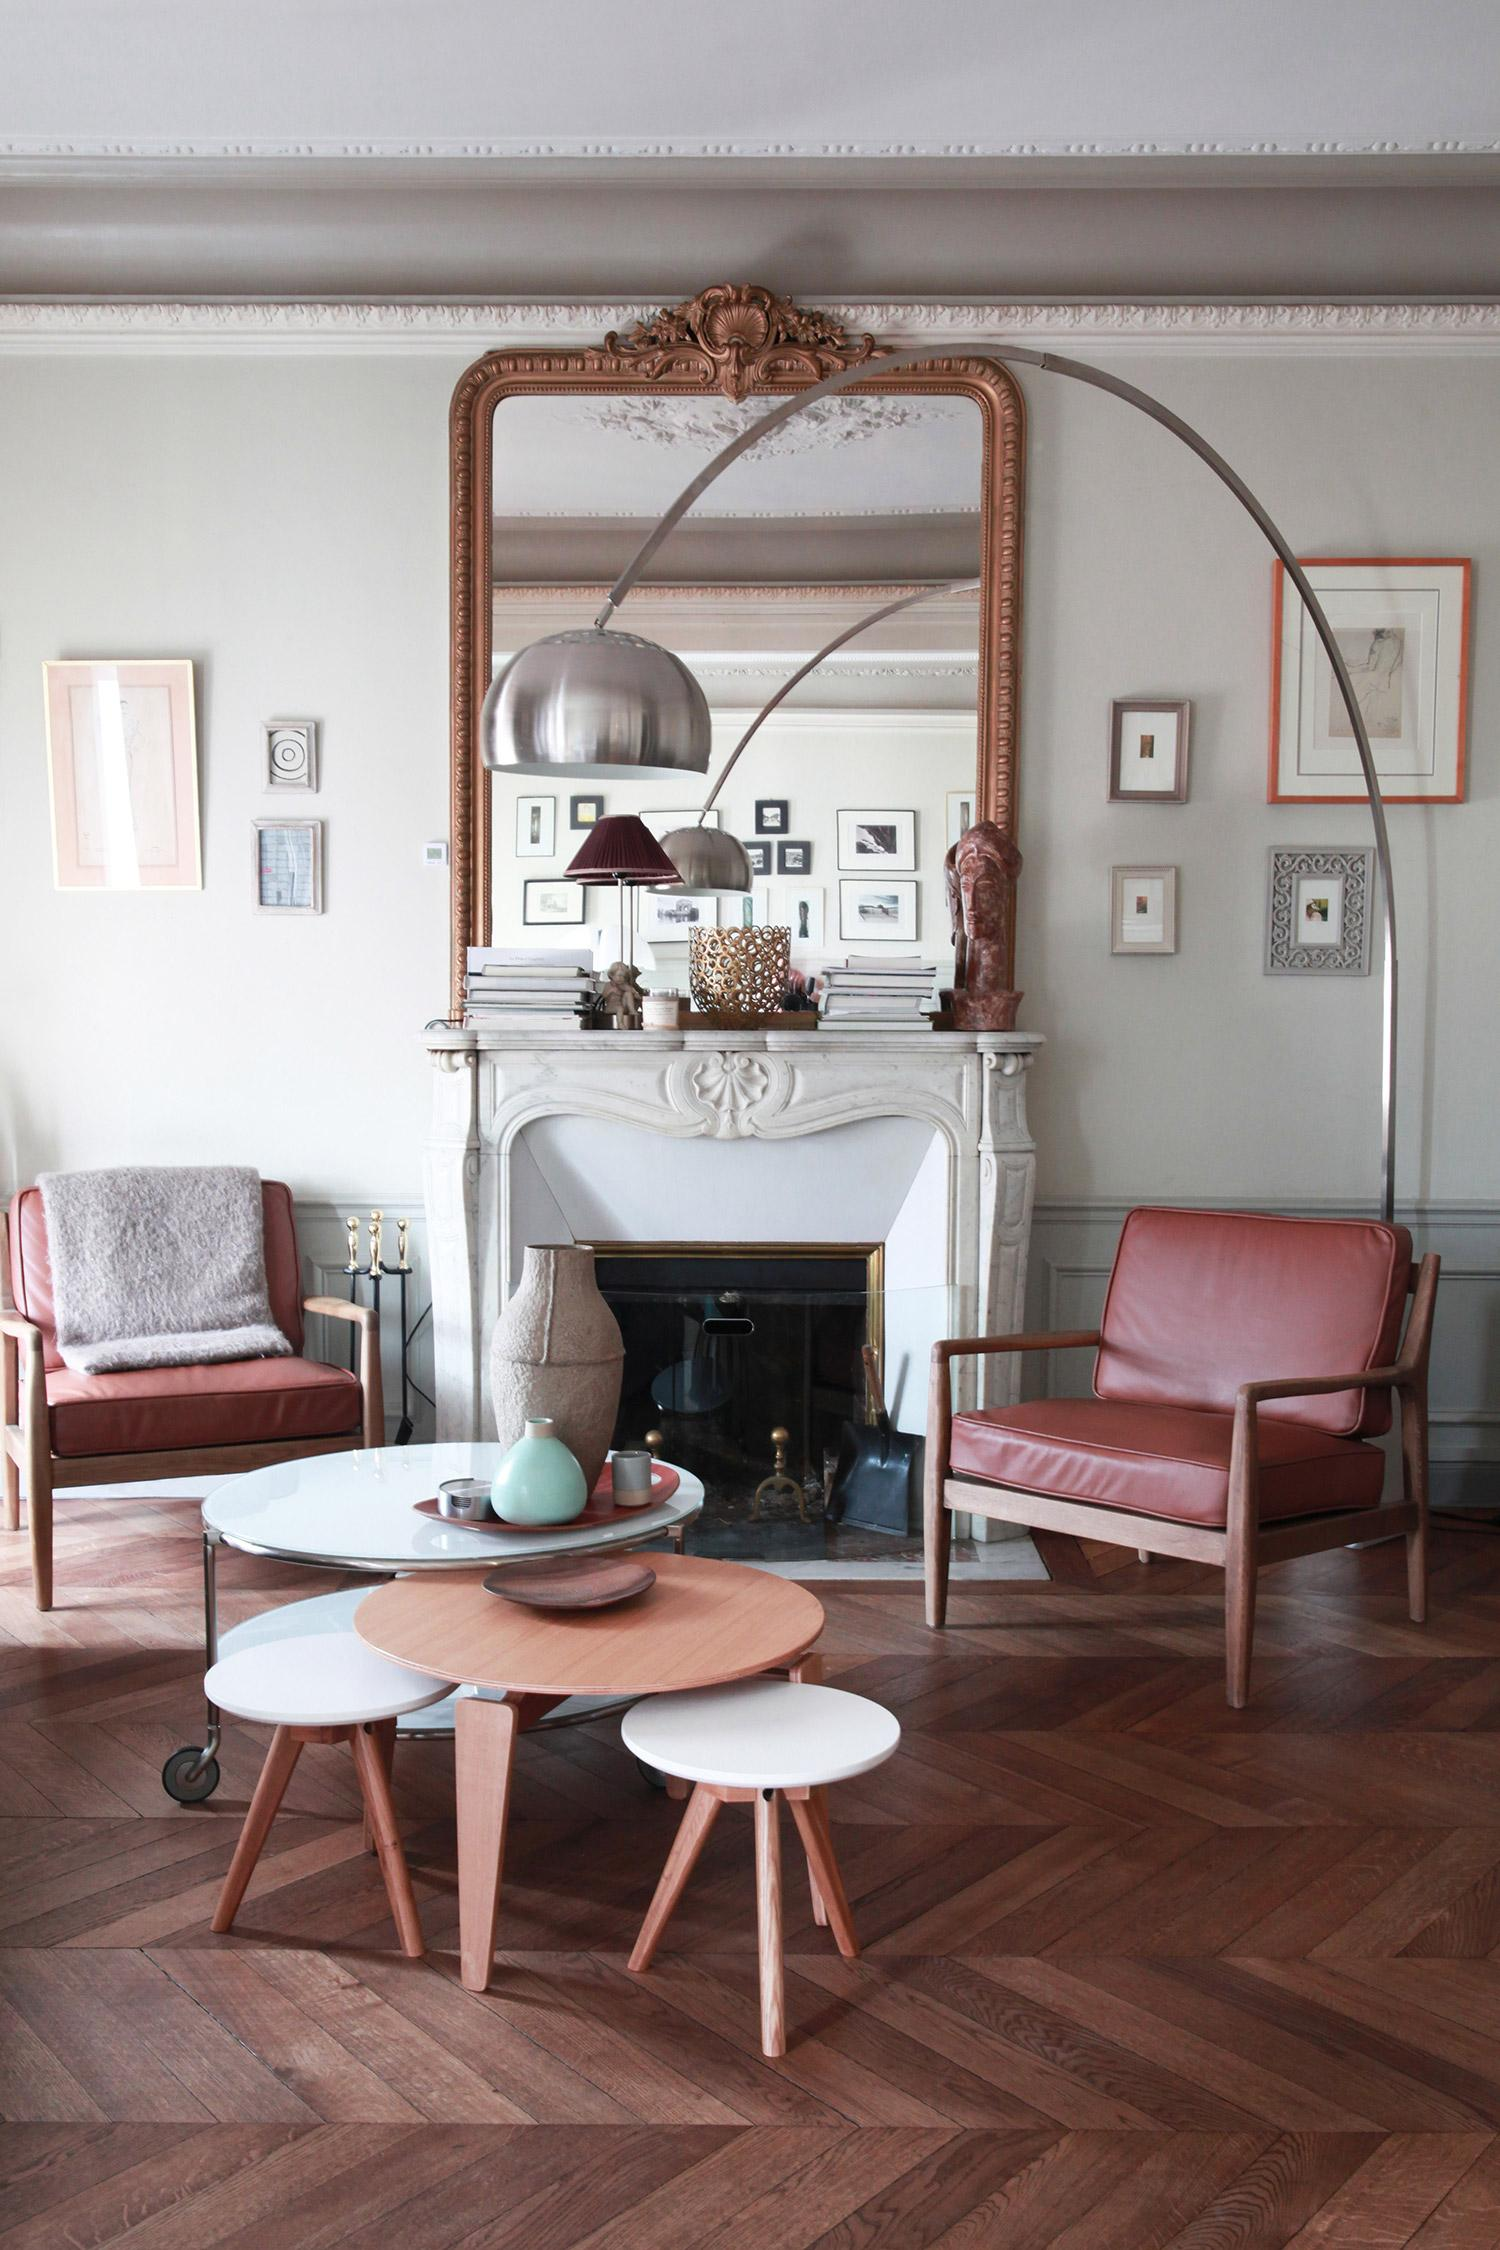 Casa a Parigi, Casa, Parigi, Arredamento, Vintage, Matrimonio, Colori, Arredamento Vintage